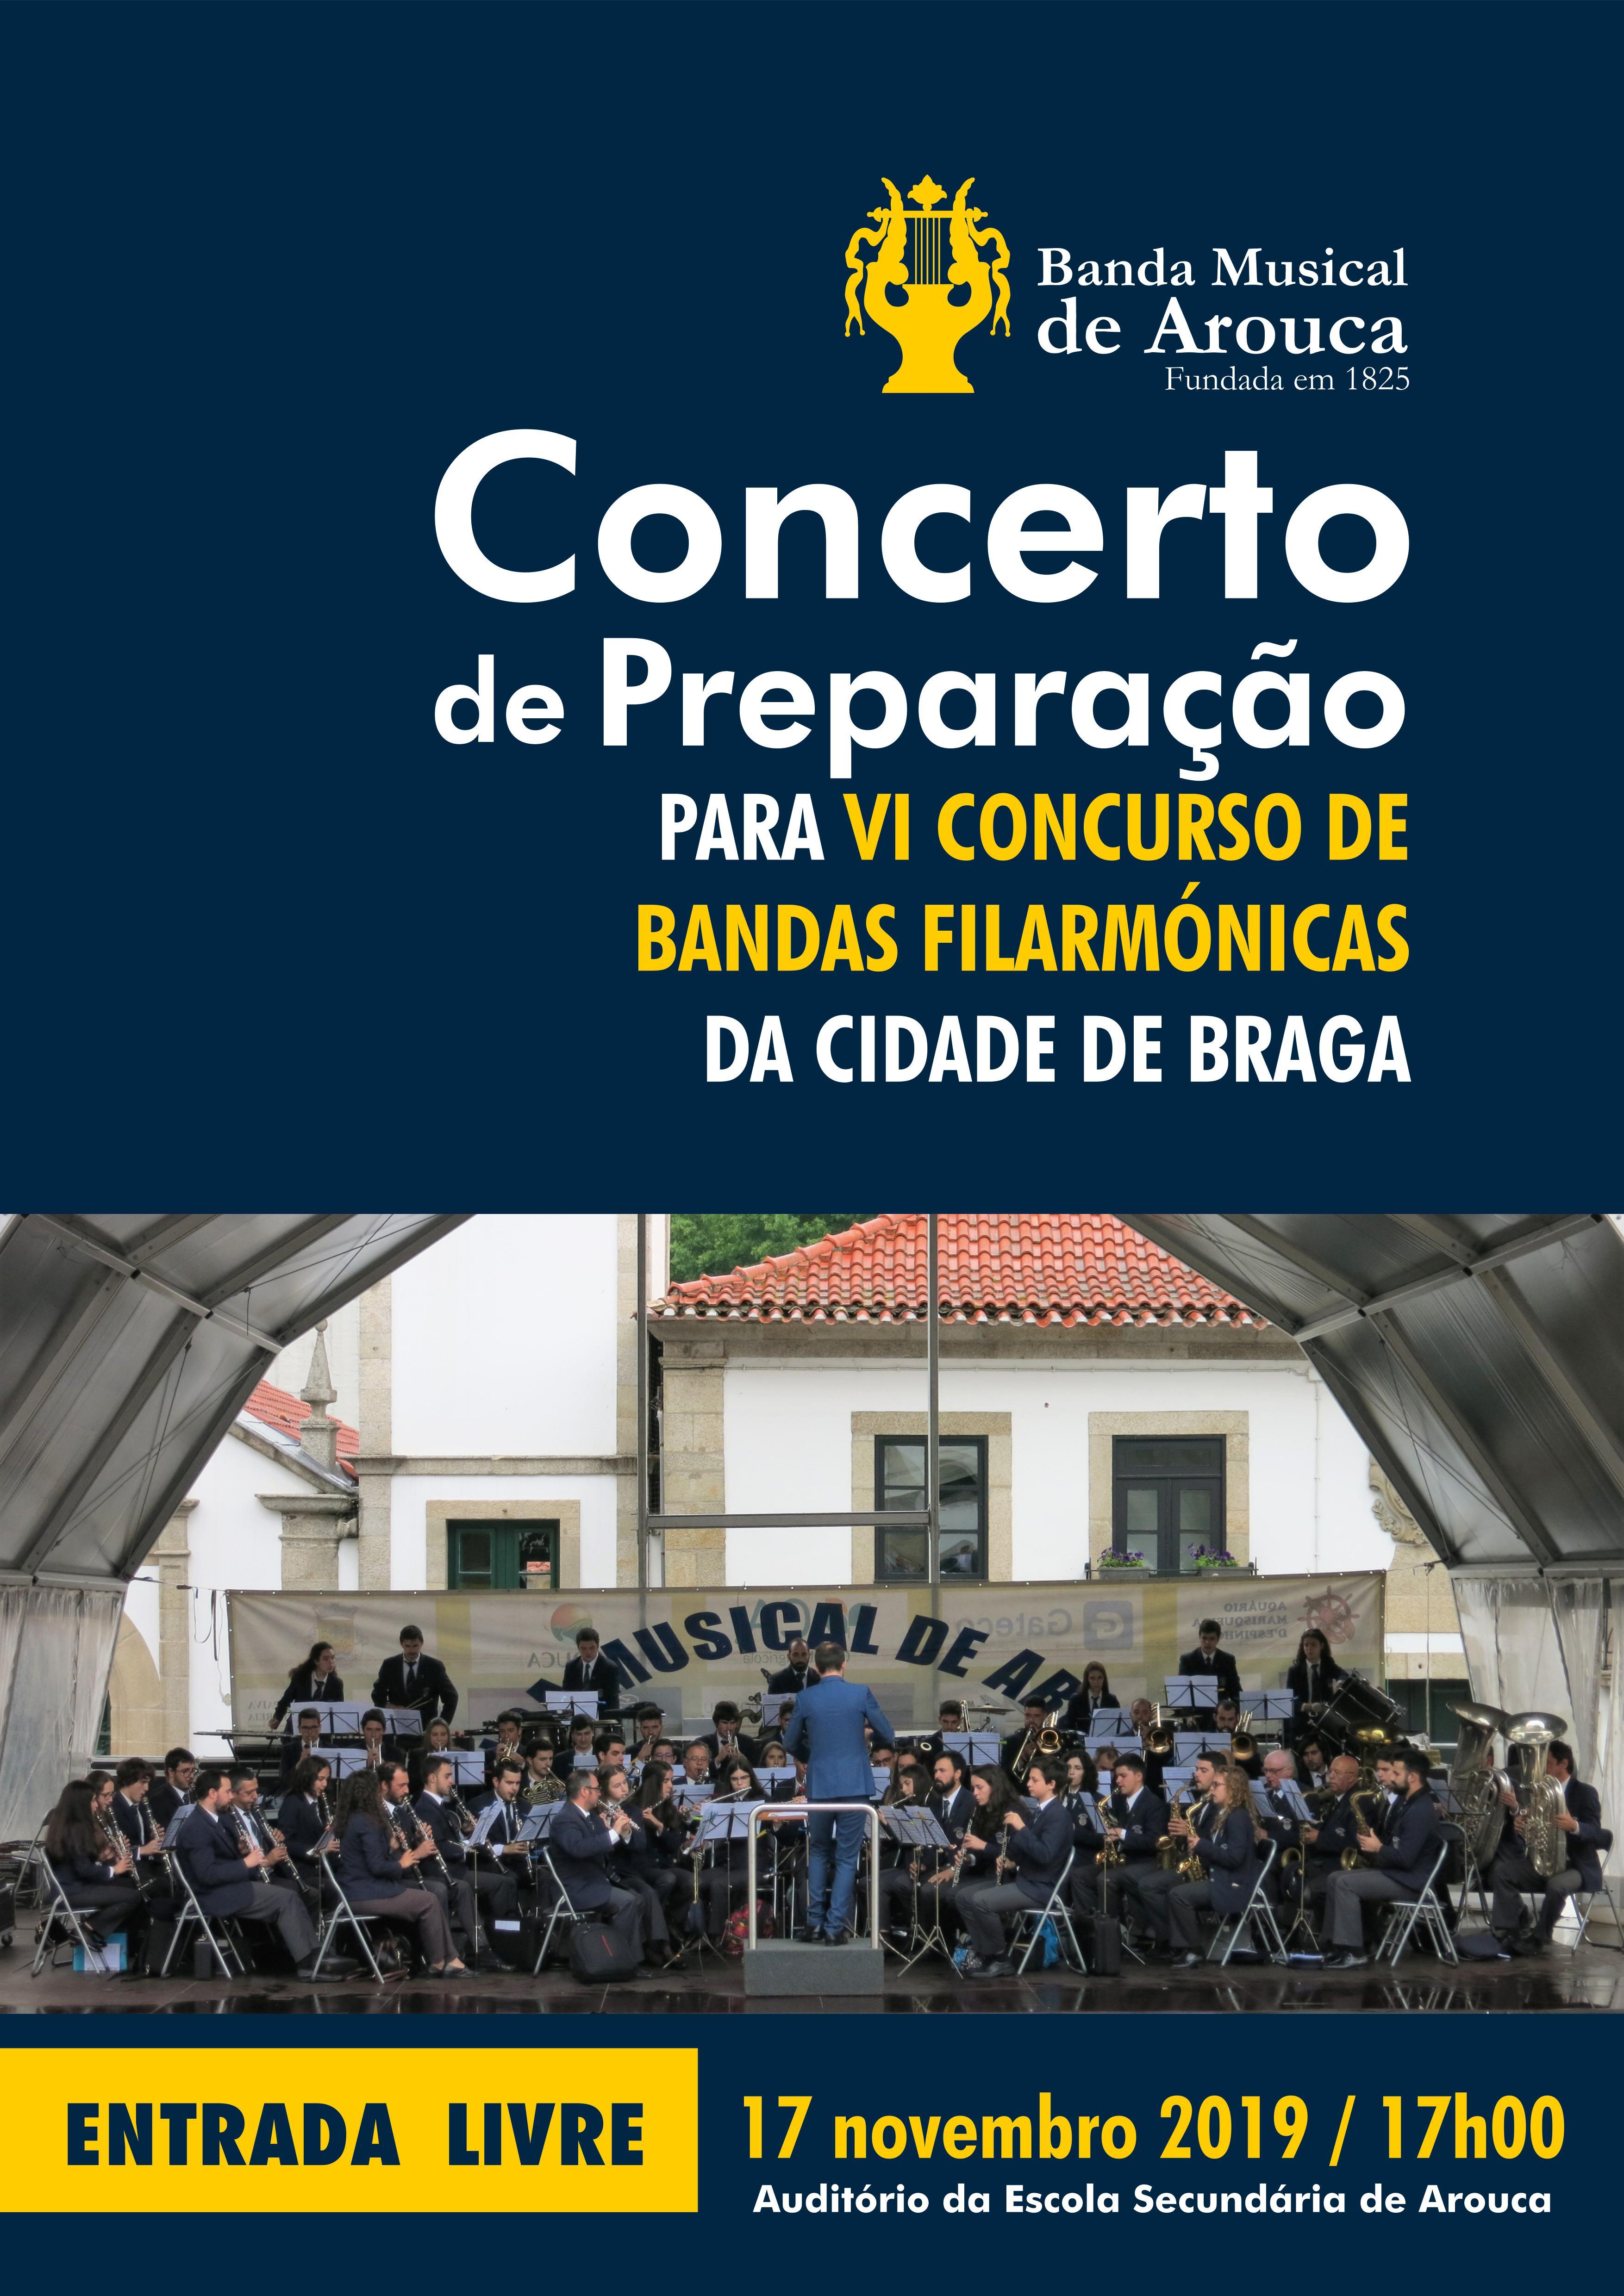 Banda promove Concerto de preparação para Concurso de Bandas Filarmónicas de Braga